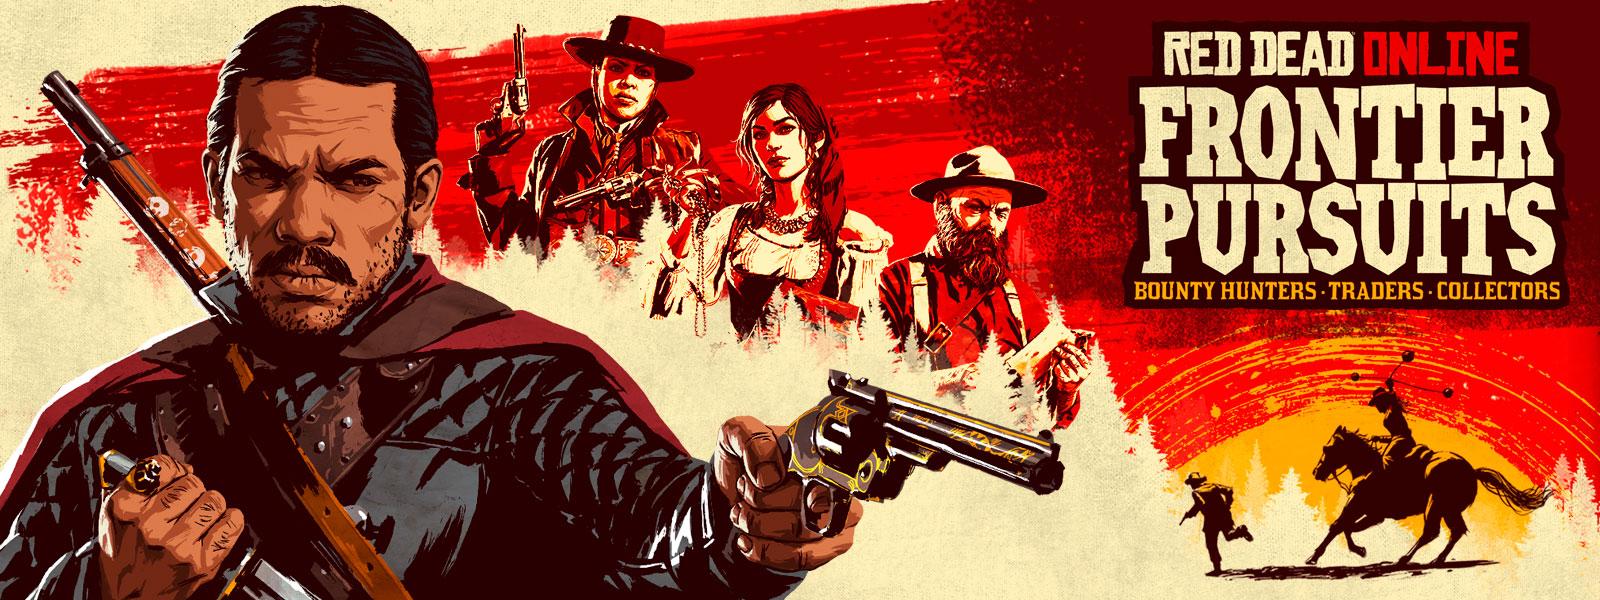 《荒野大镖客Online:边疆追寻者》,一个男人指枪的艺术绘制,身后还站着两个女人